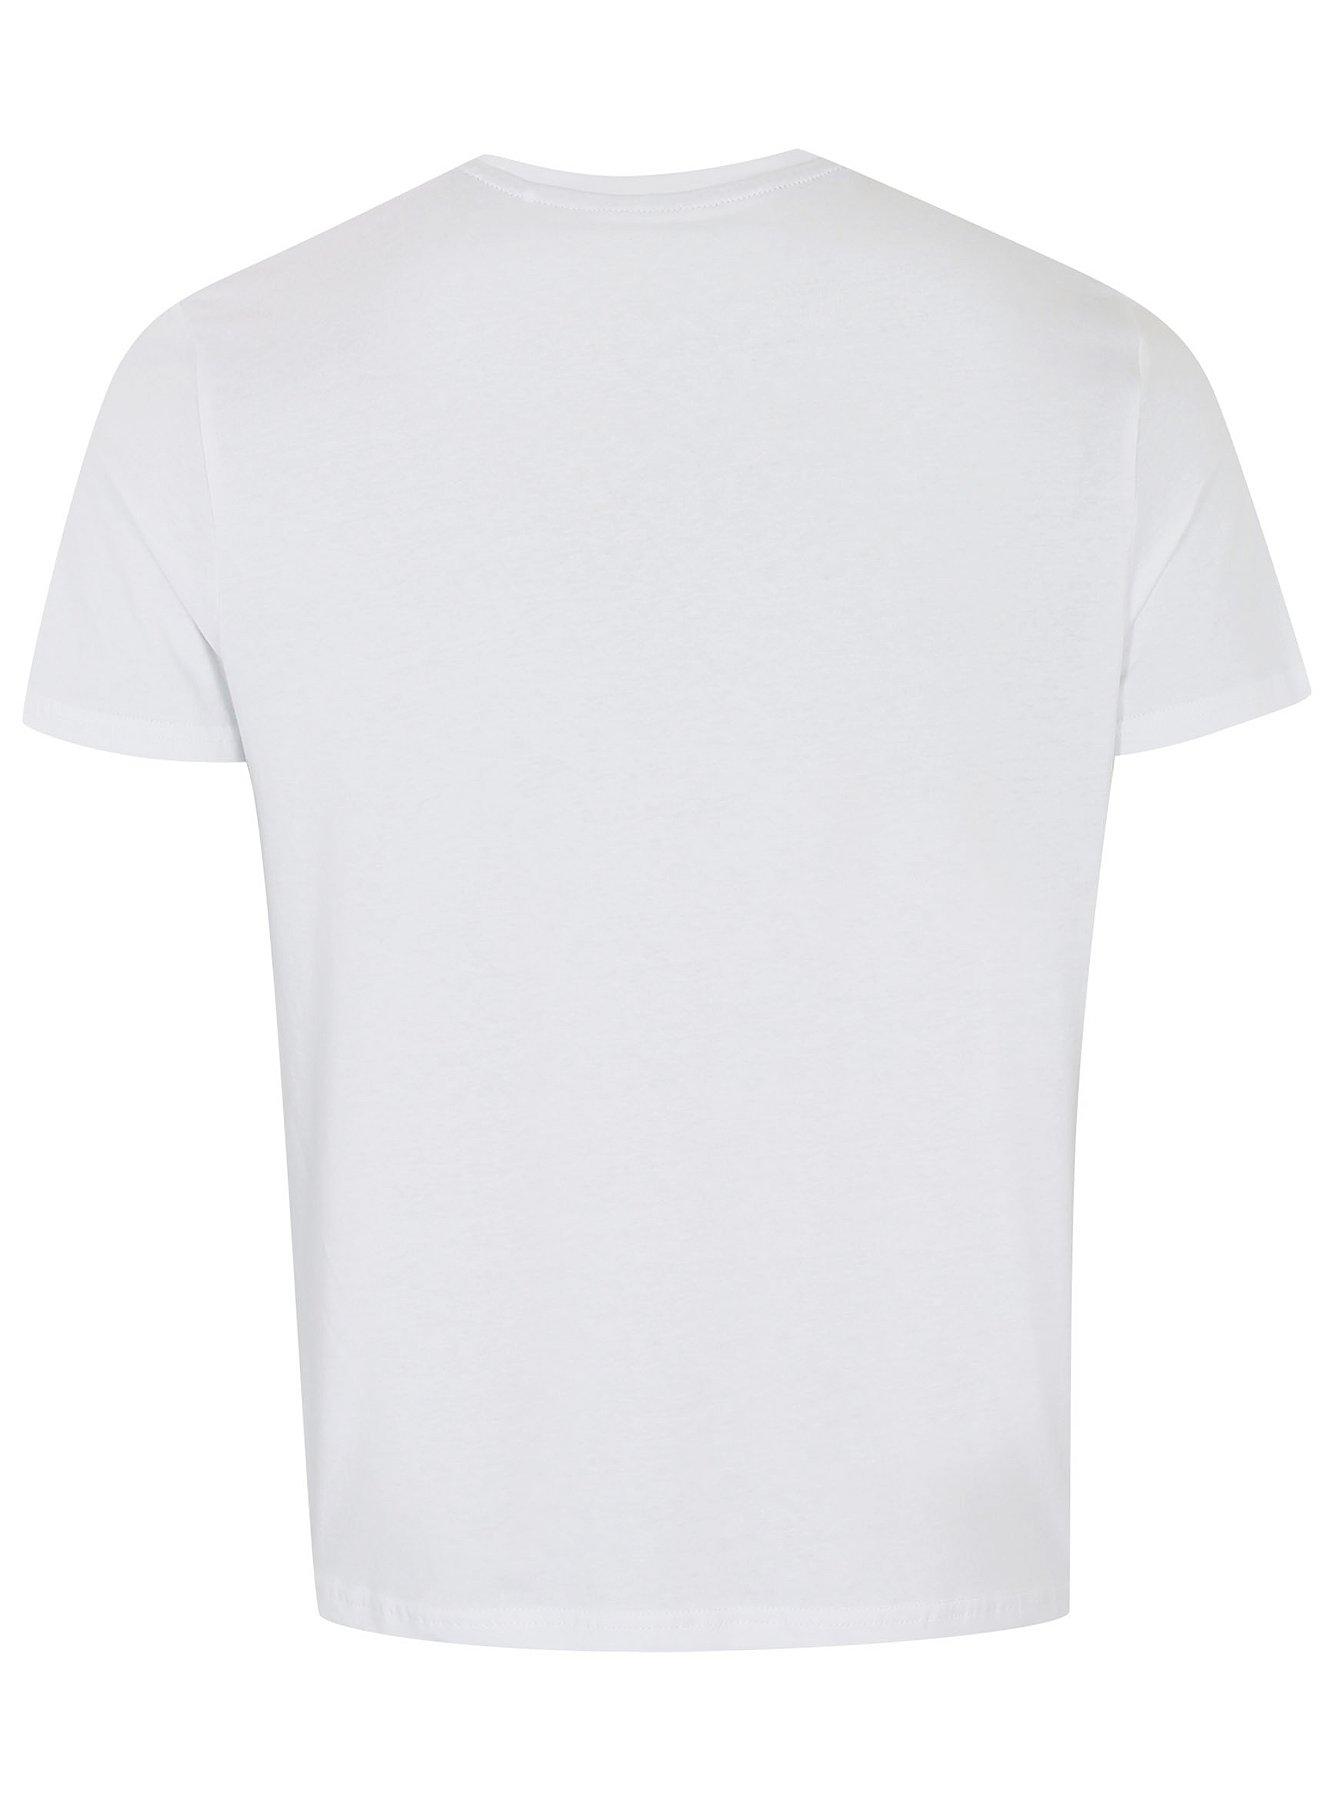 Black t shirt asda - Black T Shirt Asda 46